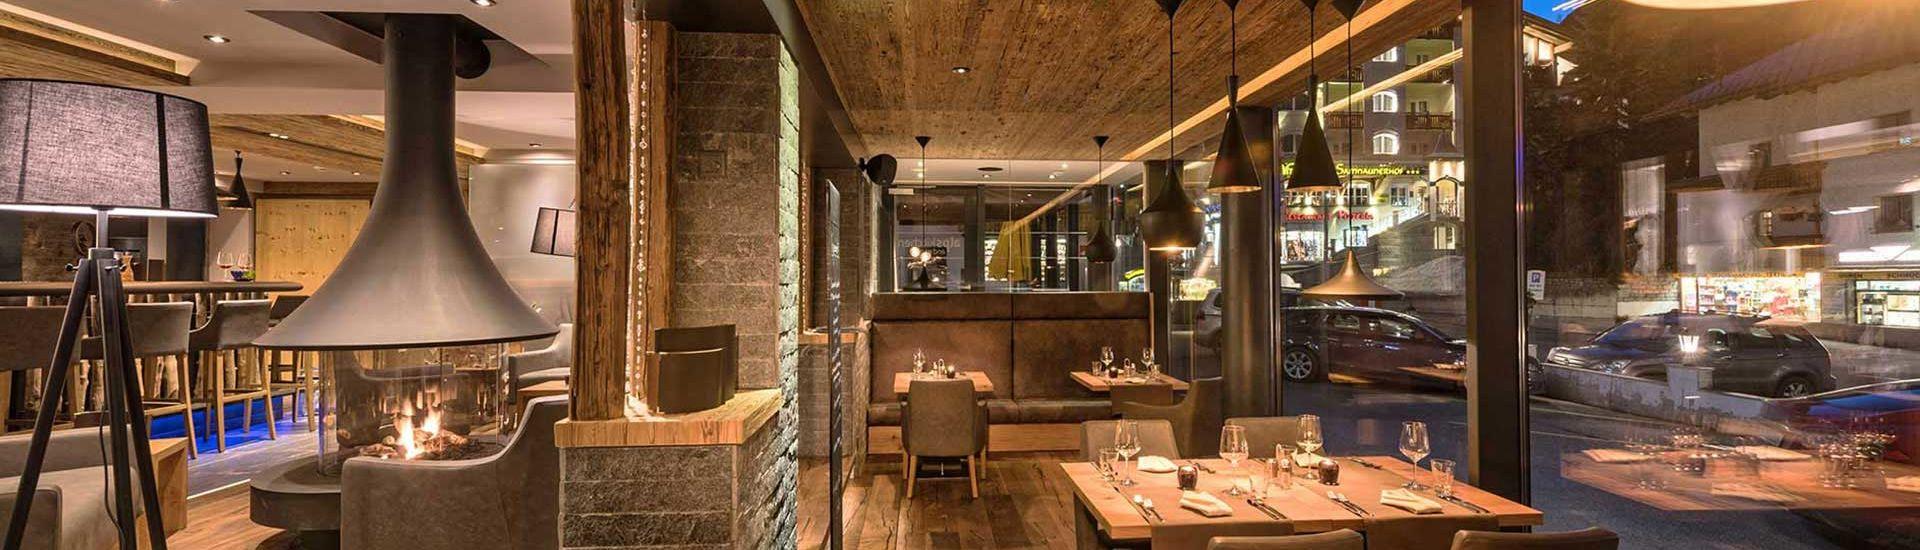 VIP Lounge ALPS - geniessen Sie Gourmet-Speisen in angenehmer Atmosphäre - in einzigartigem Design und Ambiente